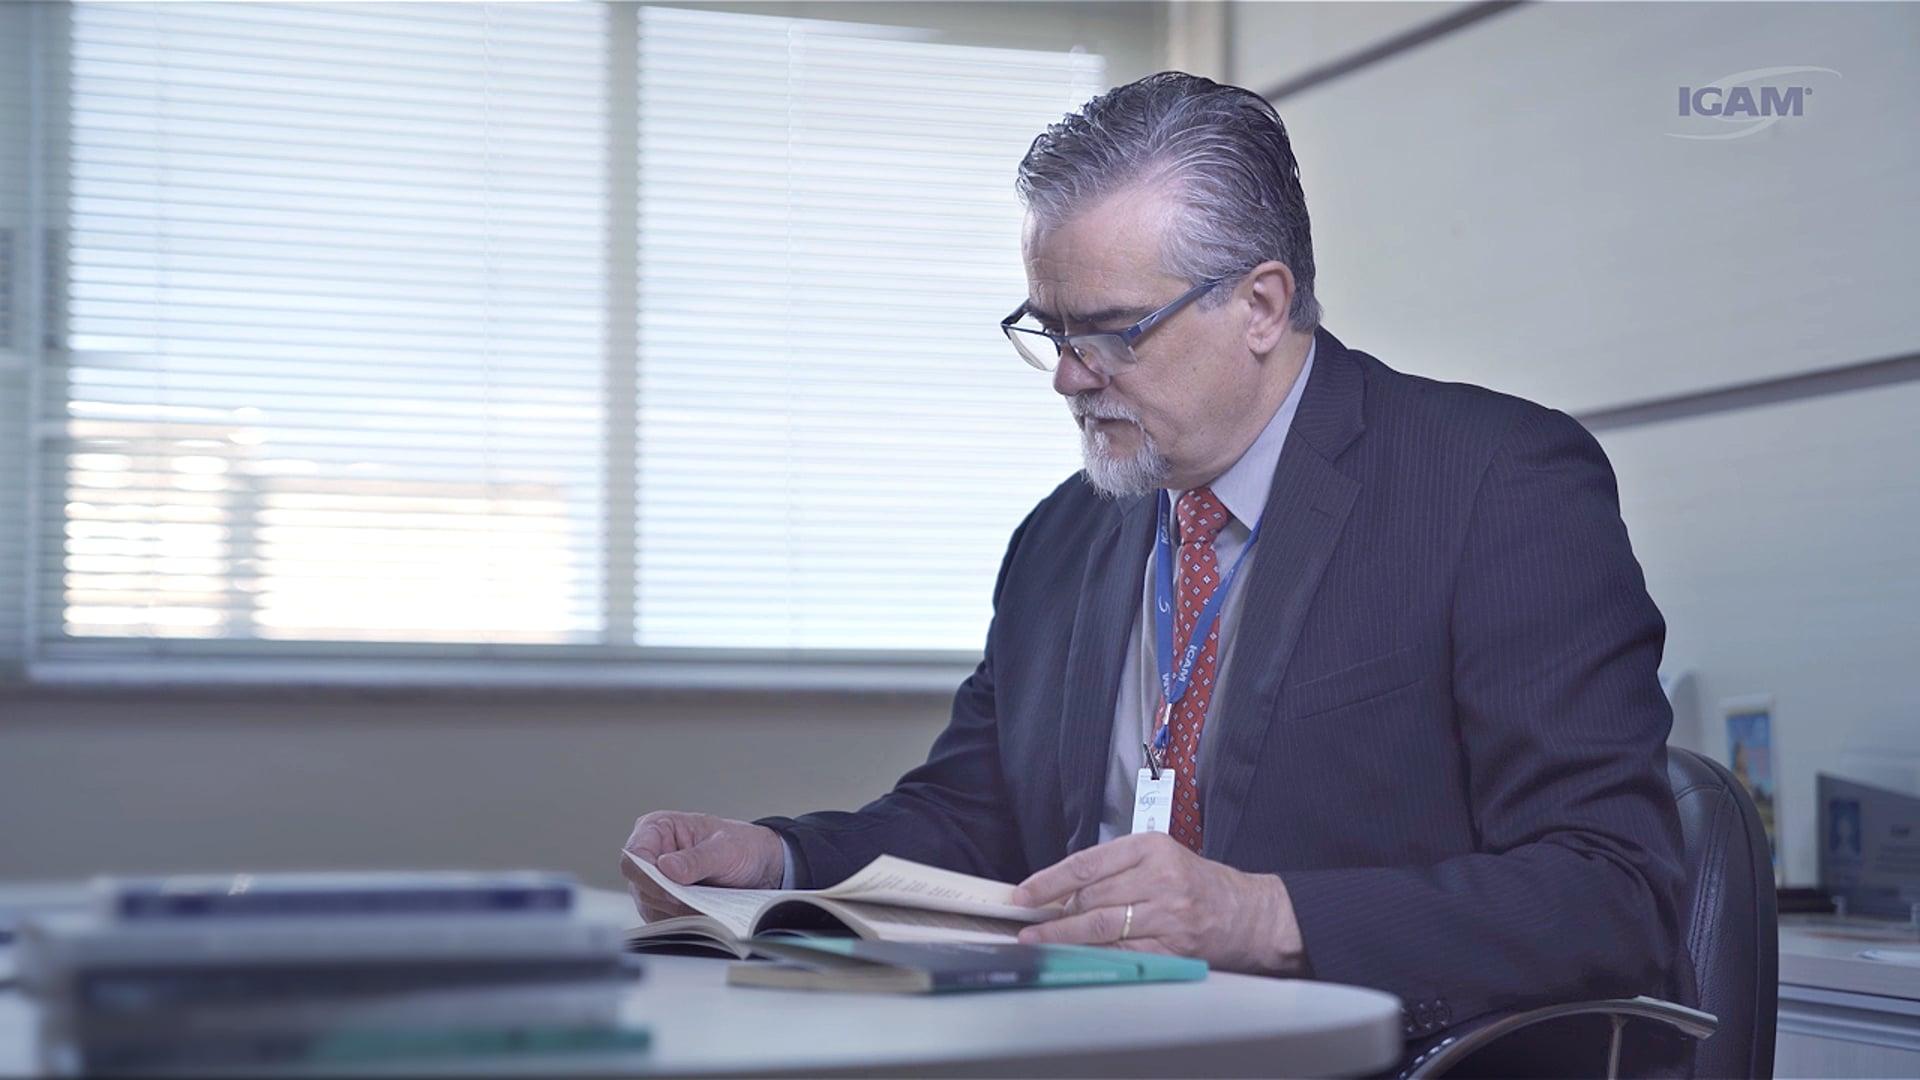 IGAM Assessoria Órgãos Públicos Video Institucional